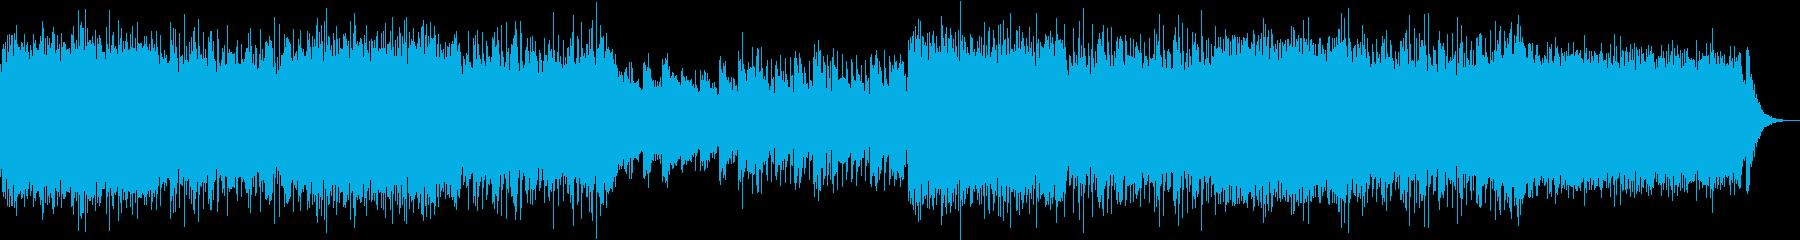 ピアノとシンセのエレクトロ EDMの再生済みの波形